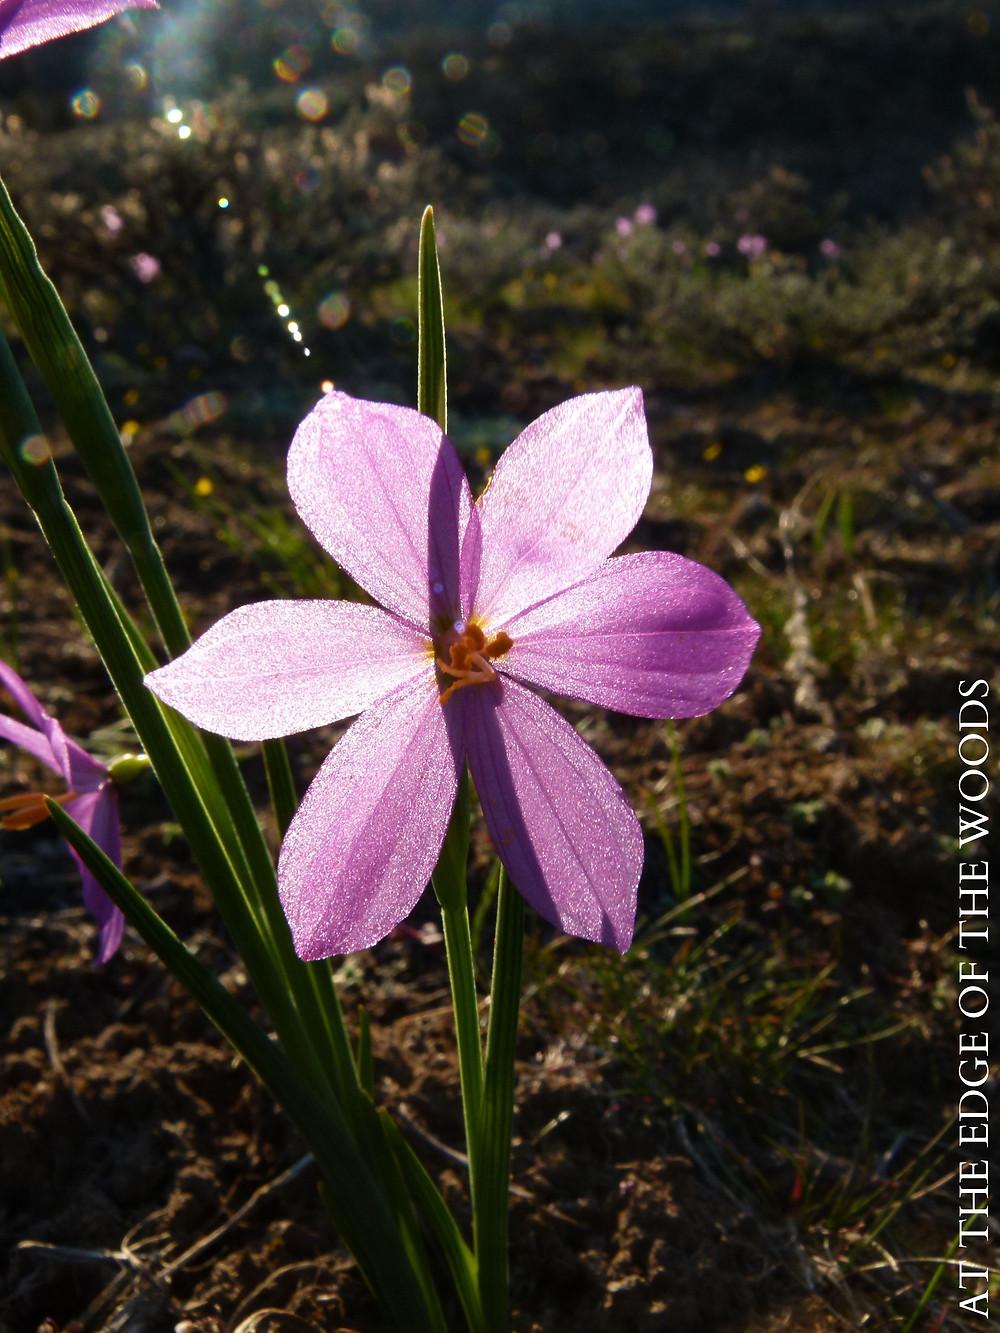 Grass Widow wildflowers